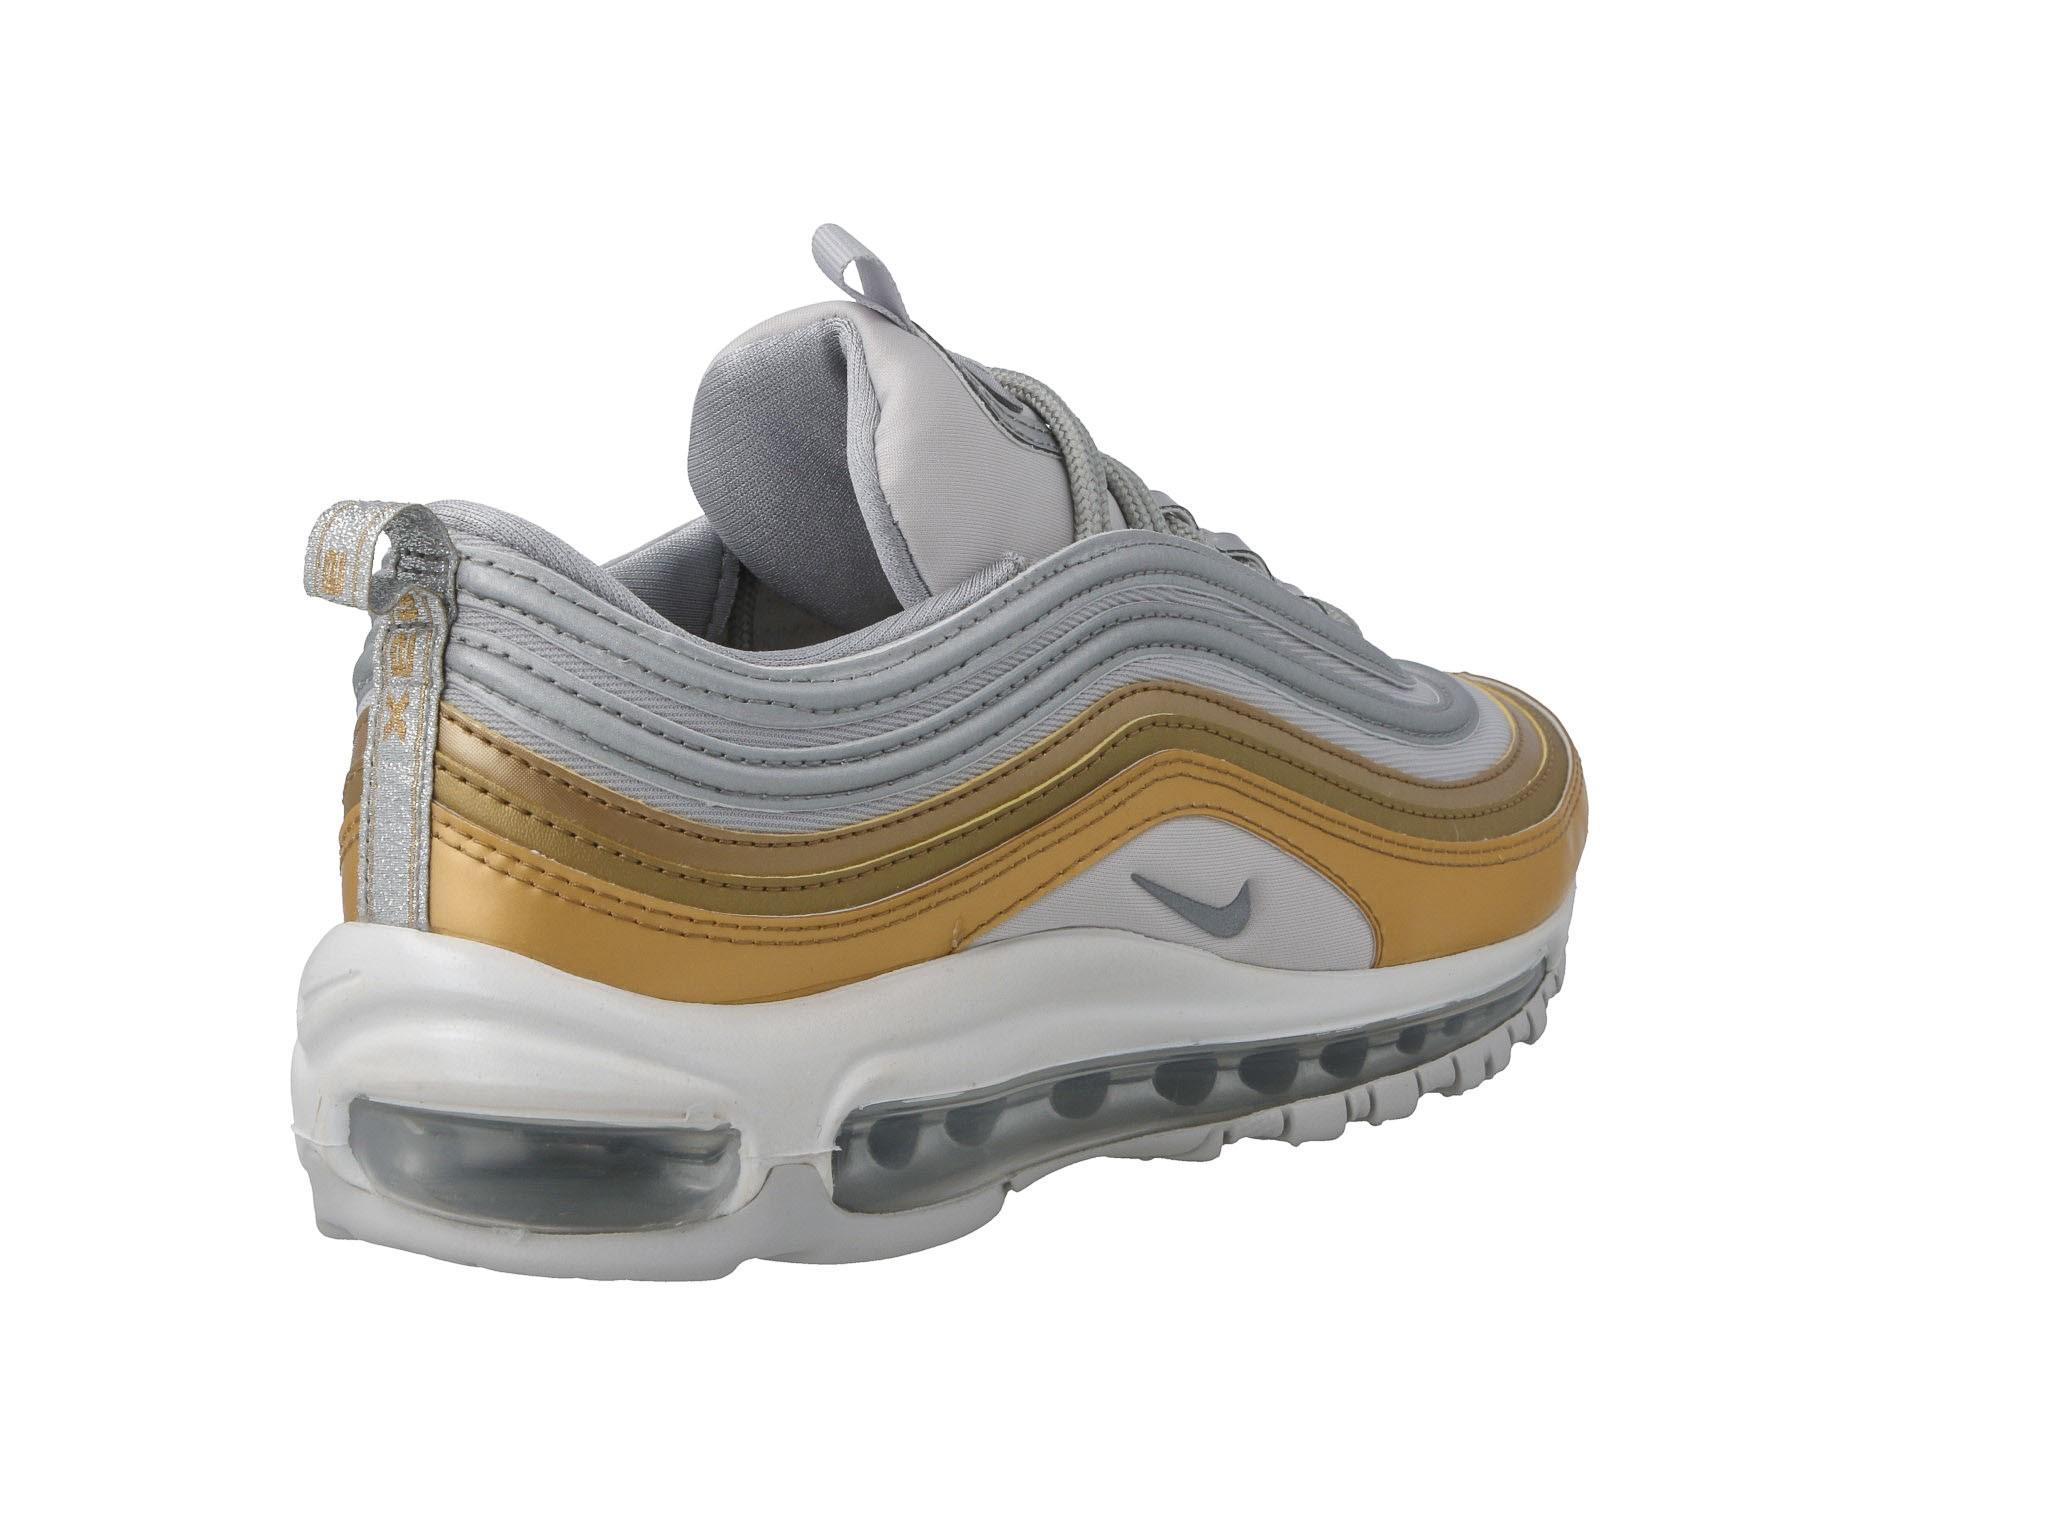 Nike Air Max 97 AQ4137 001 női sportcipő